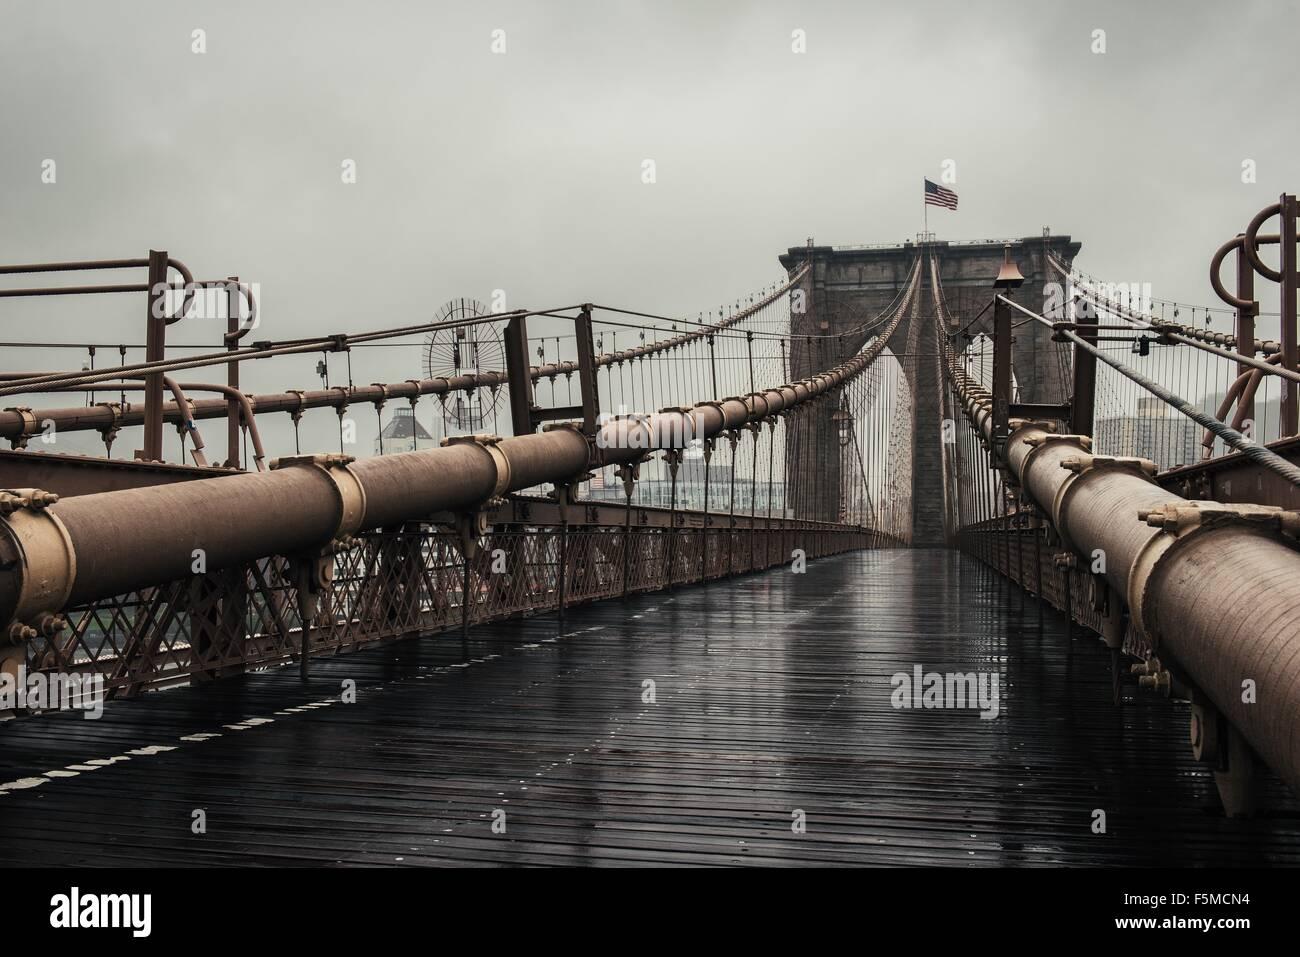 Avis de passerelle sur le pont de Brooklyn, New York, USA Photo Stock